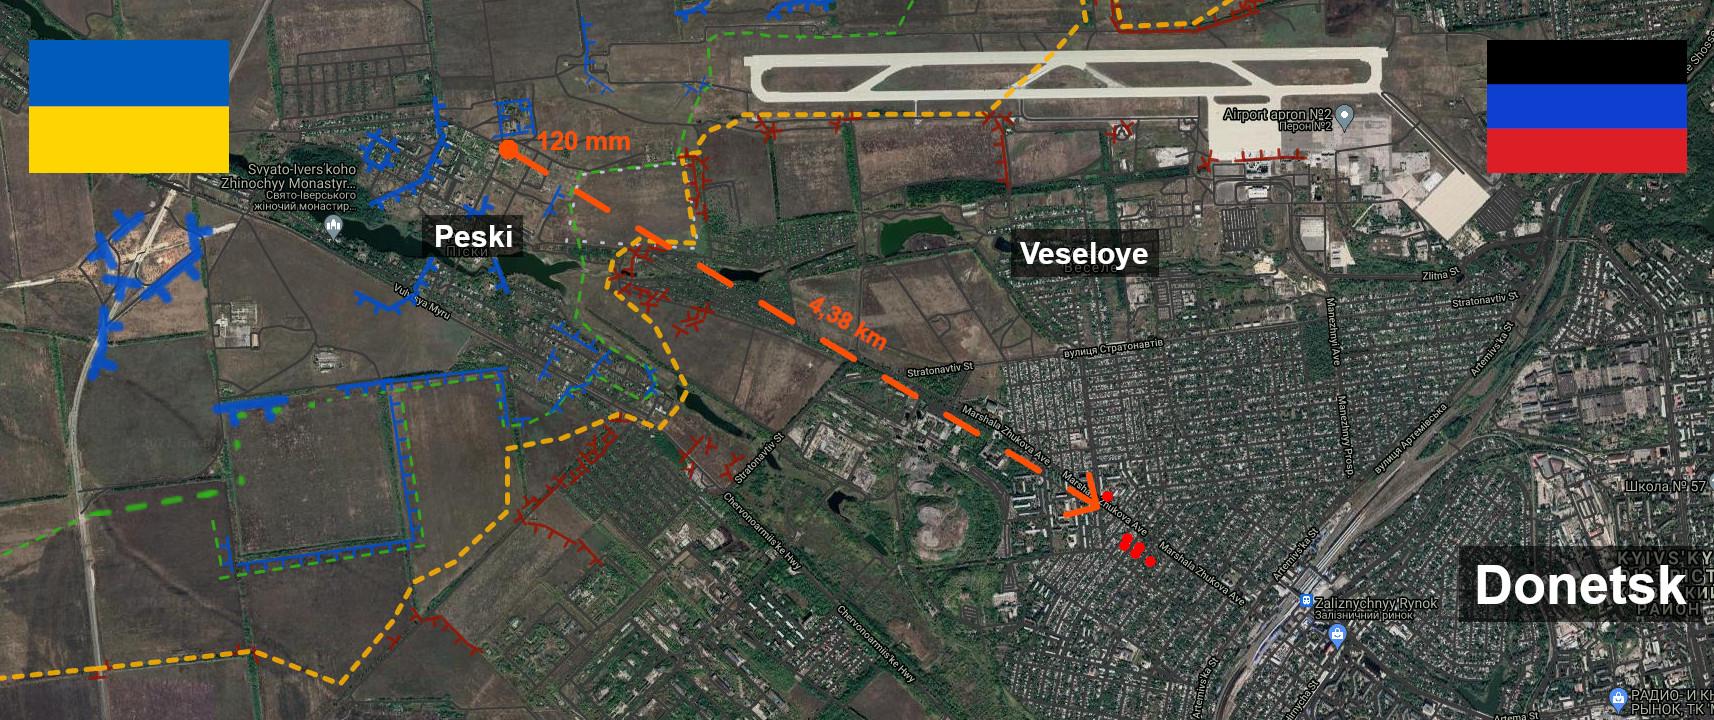 Carte du bombardement de l'armée ukrainienne contre les civils de Donetsk